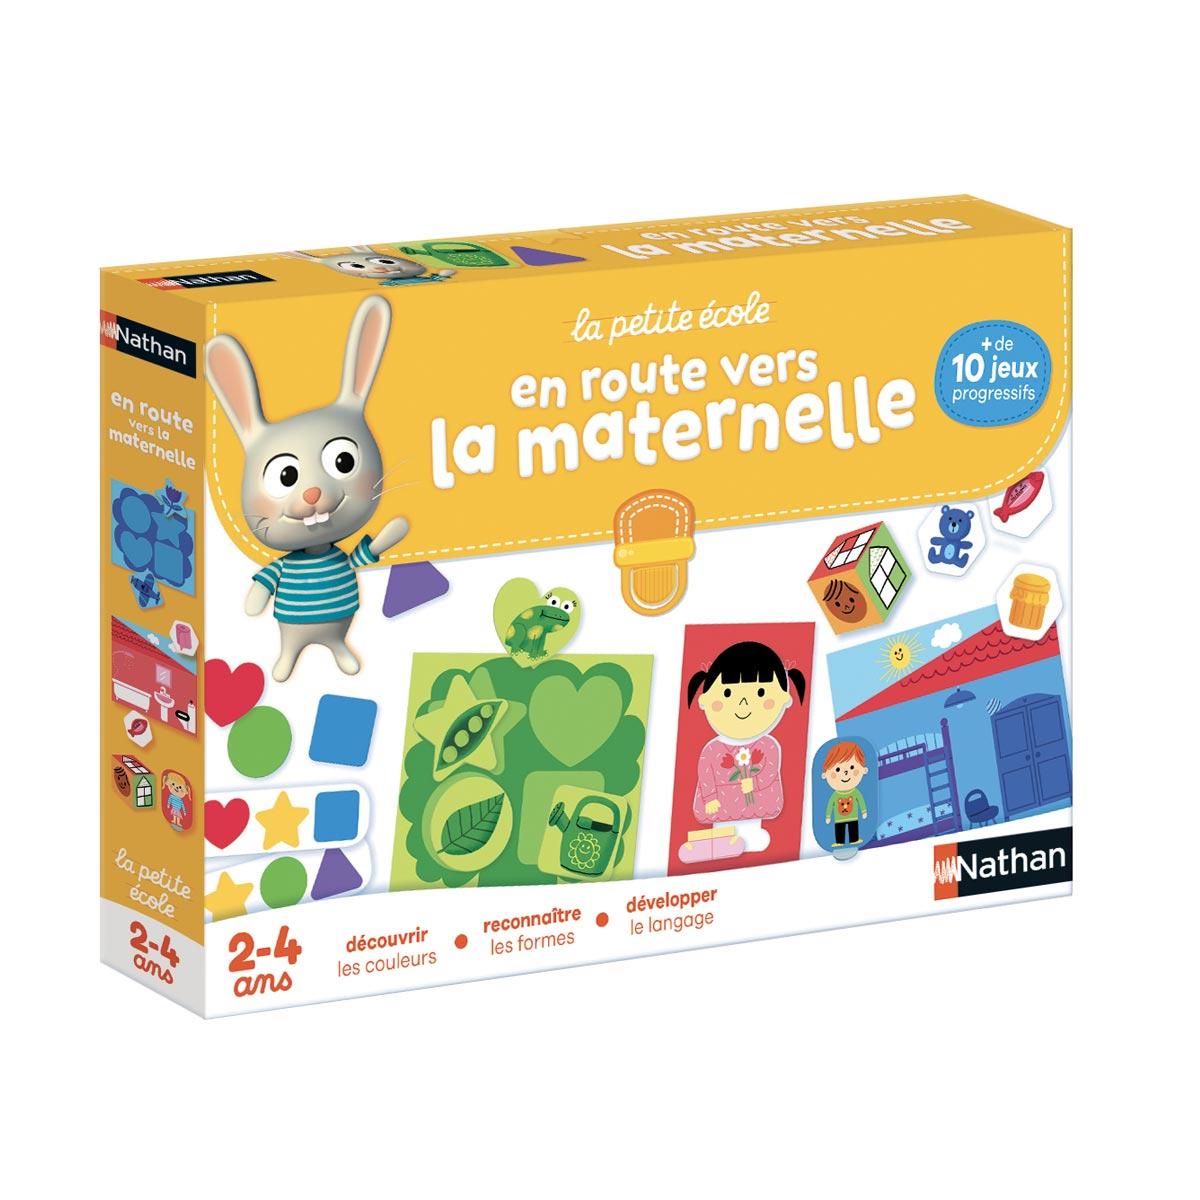 Coffret De Jeux En Route Vers La Maternelle avec Jeux Ludique Maternelle